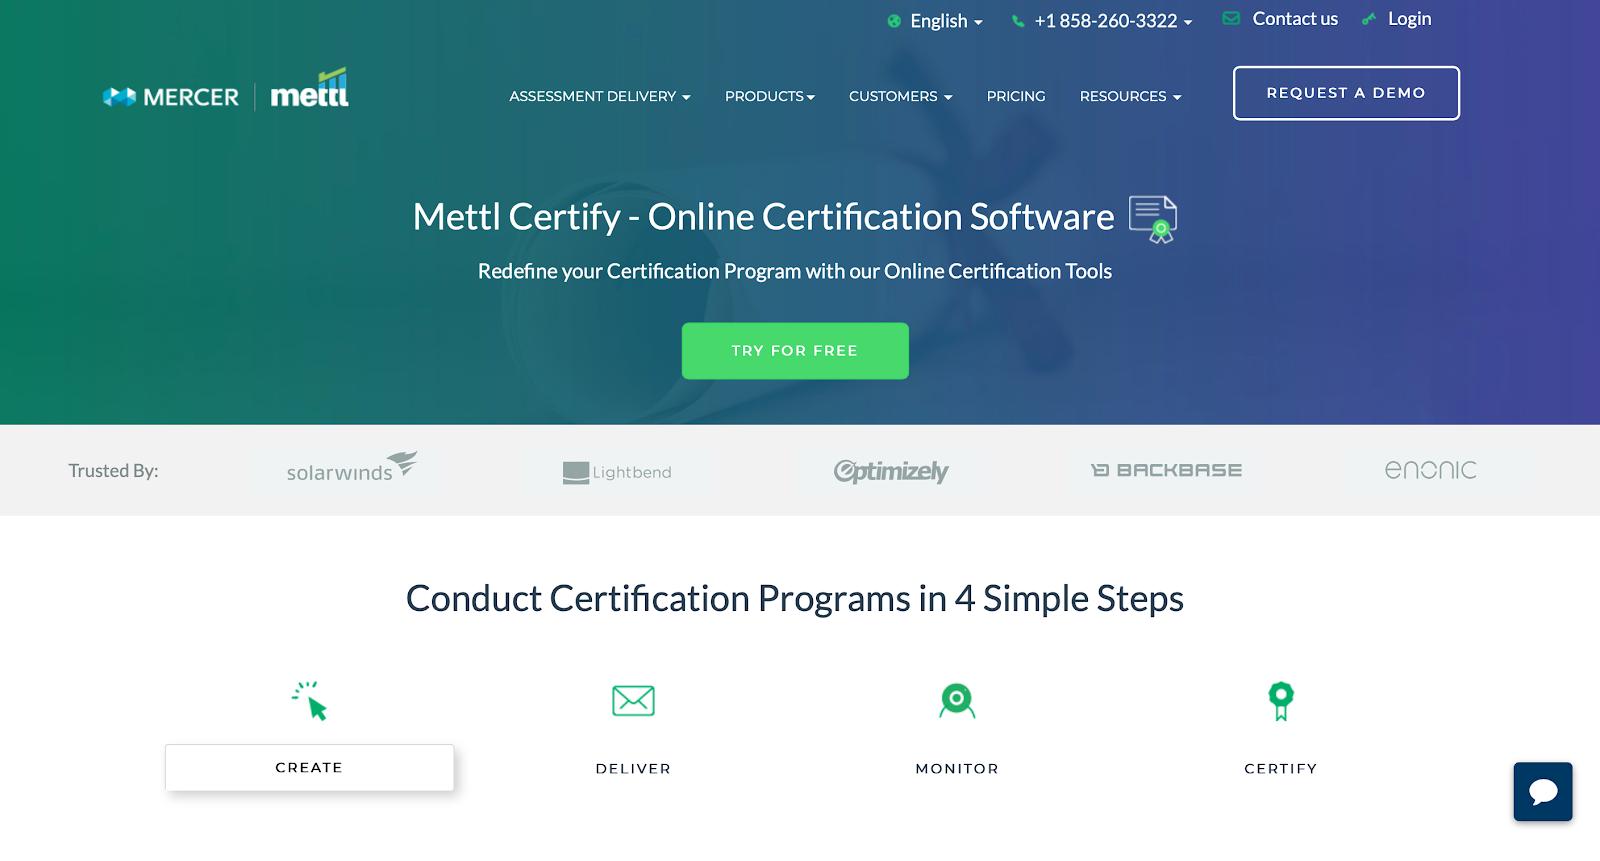 Mettl Certify screen